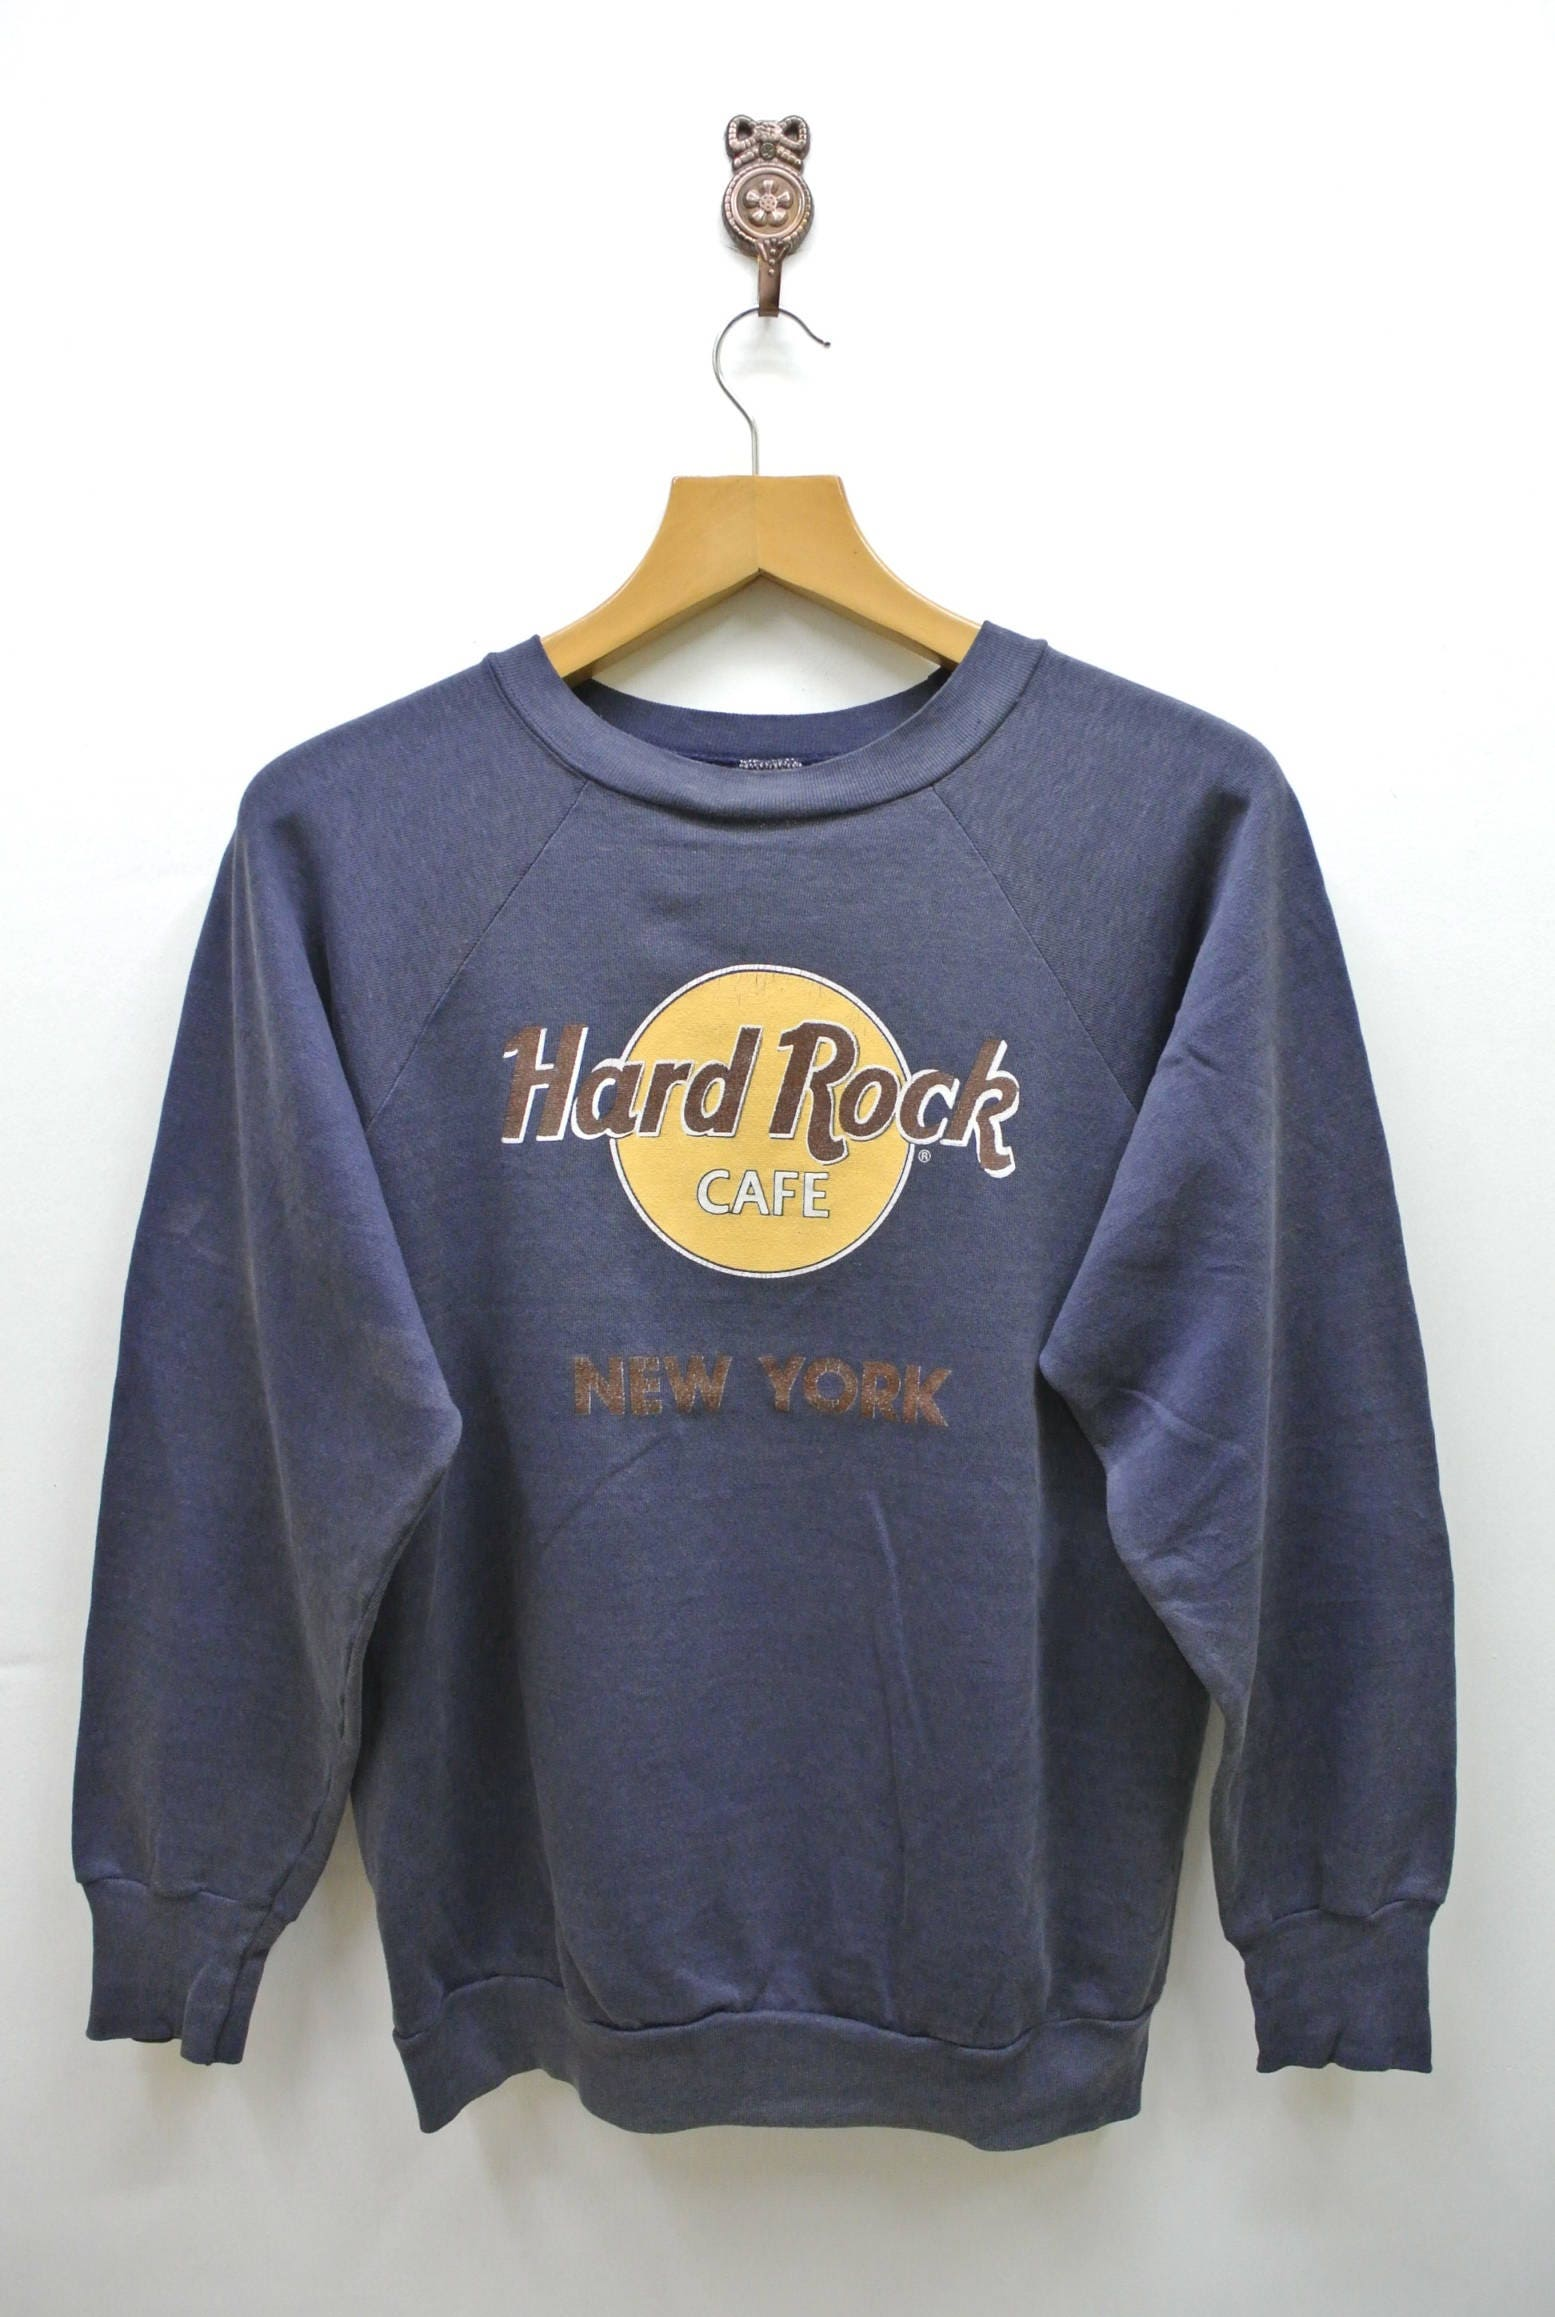 7c9a944c4 Hard Rock Cafe T Shirts Uk | Top Mode Depot